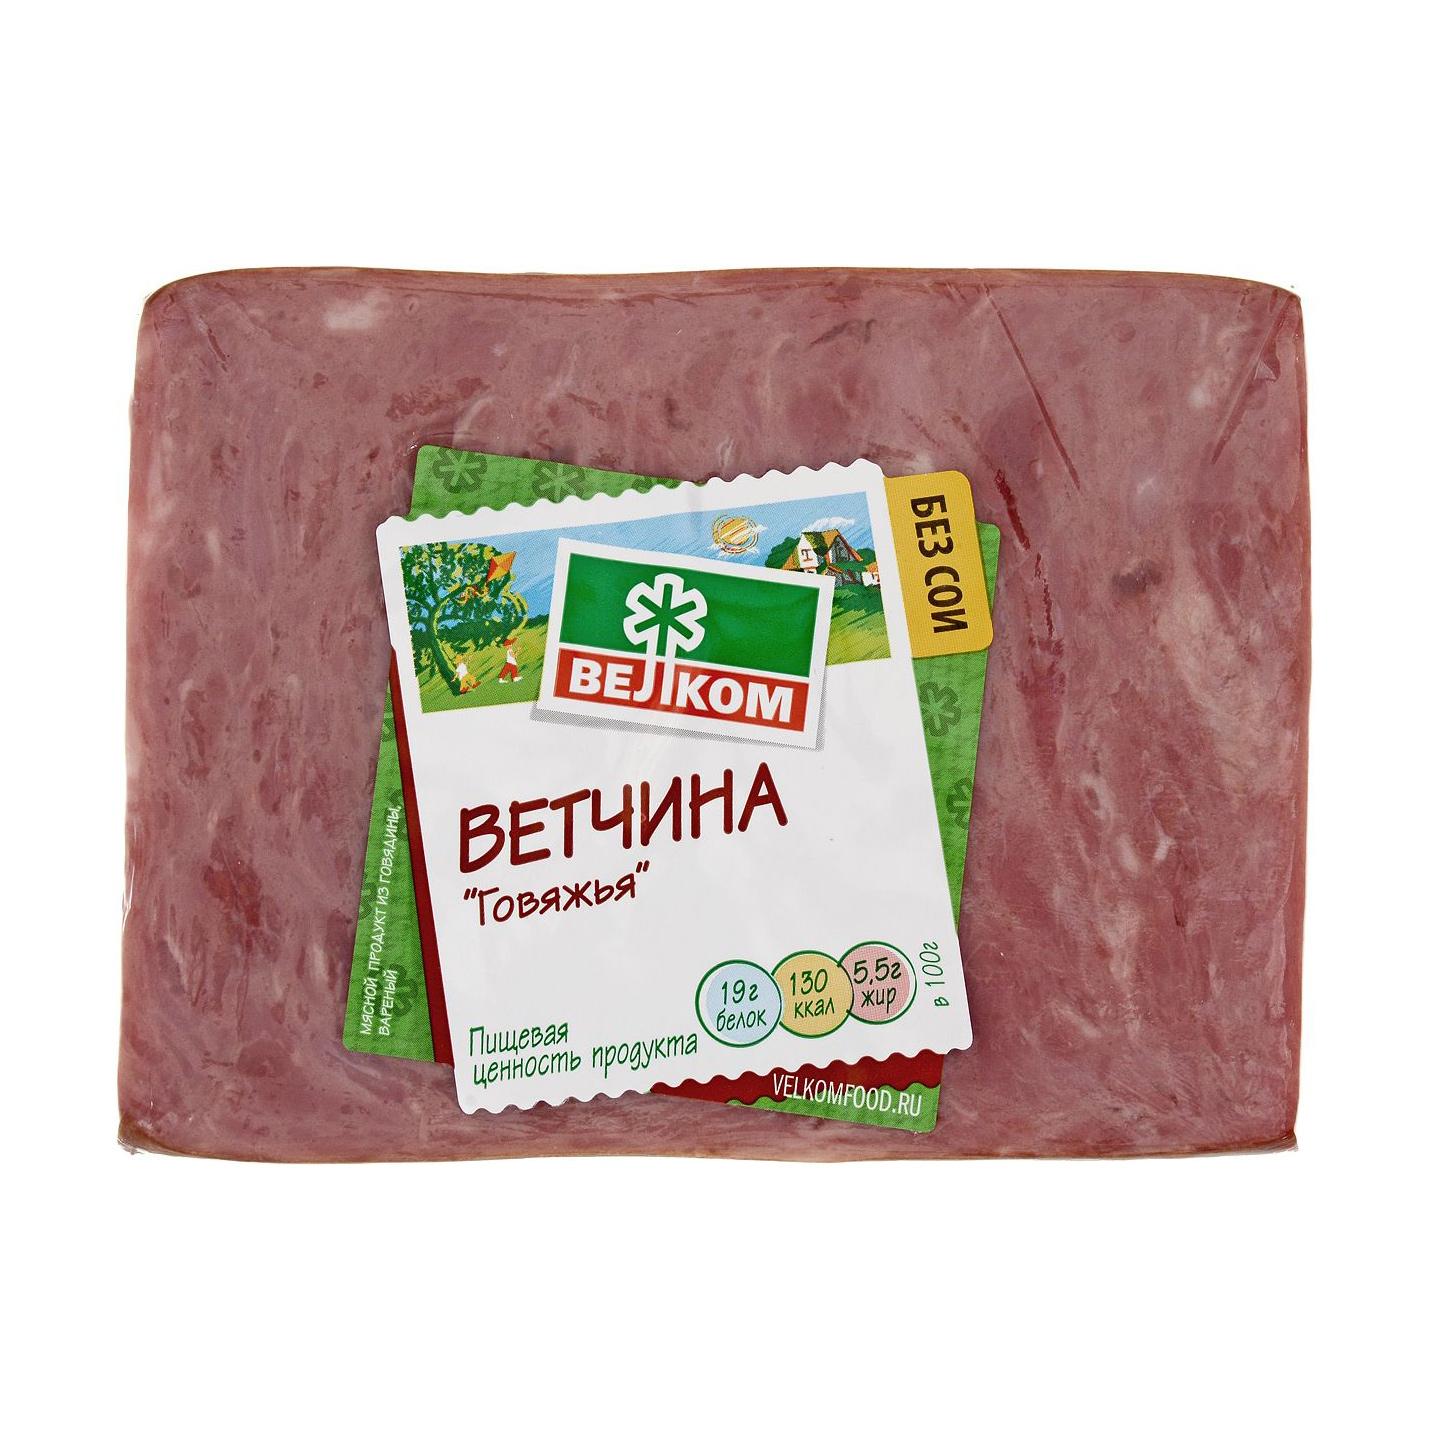 Ветчина говяжья Велком 500 г